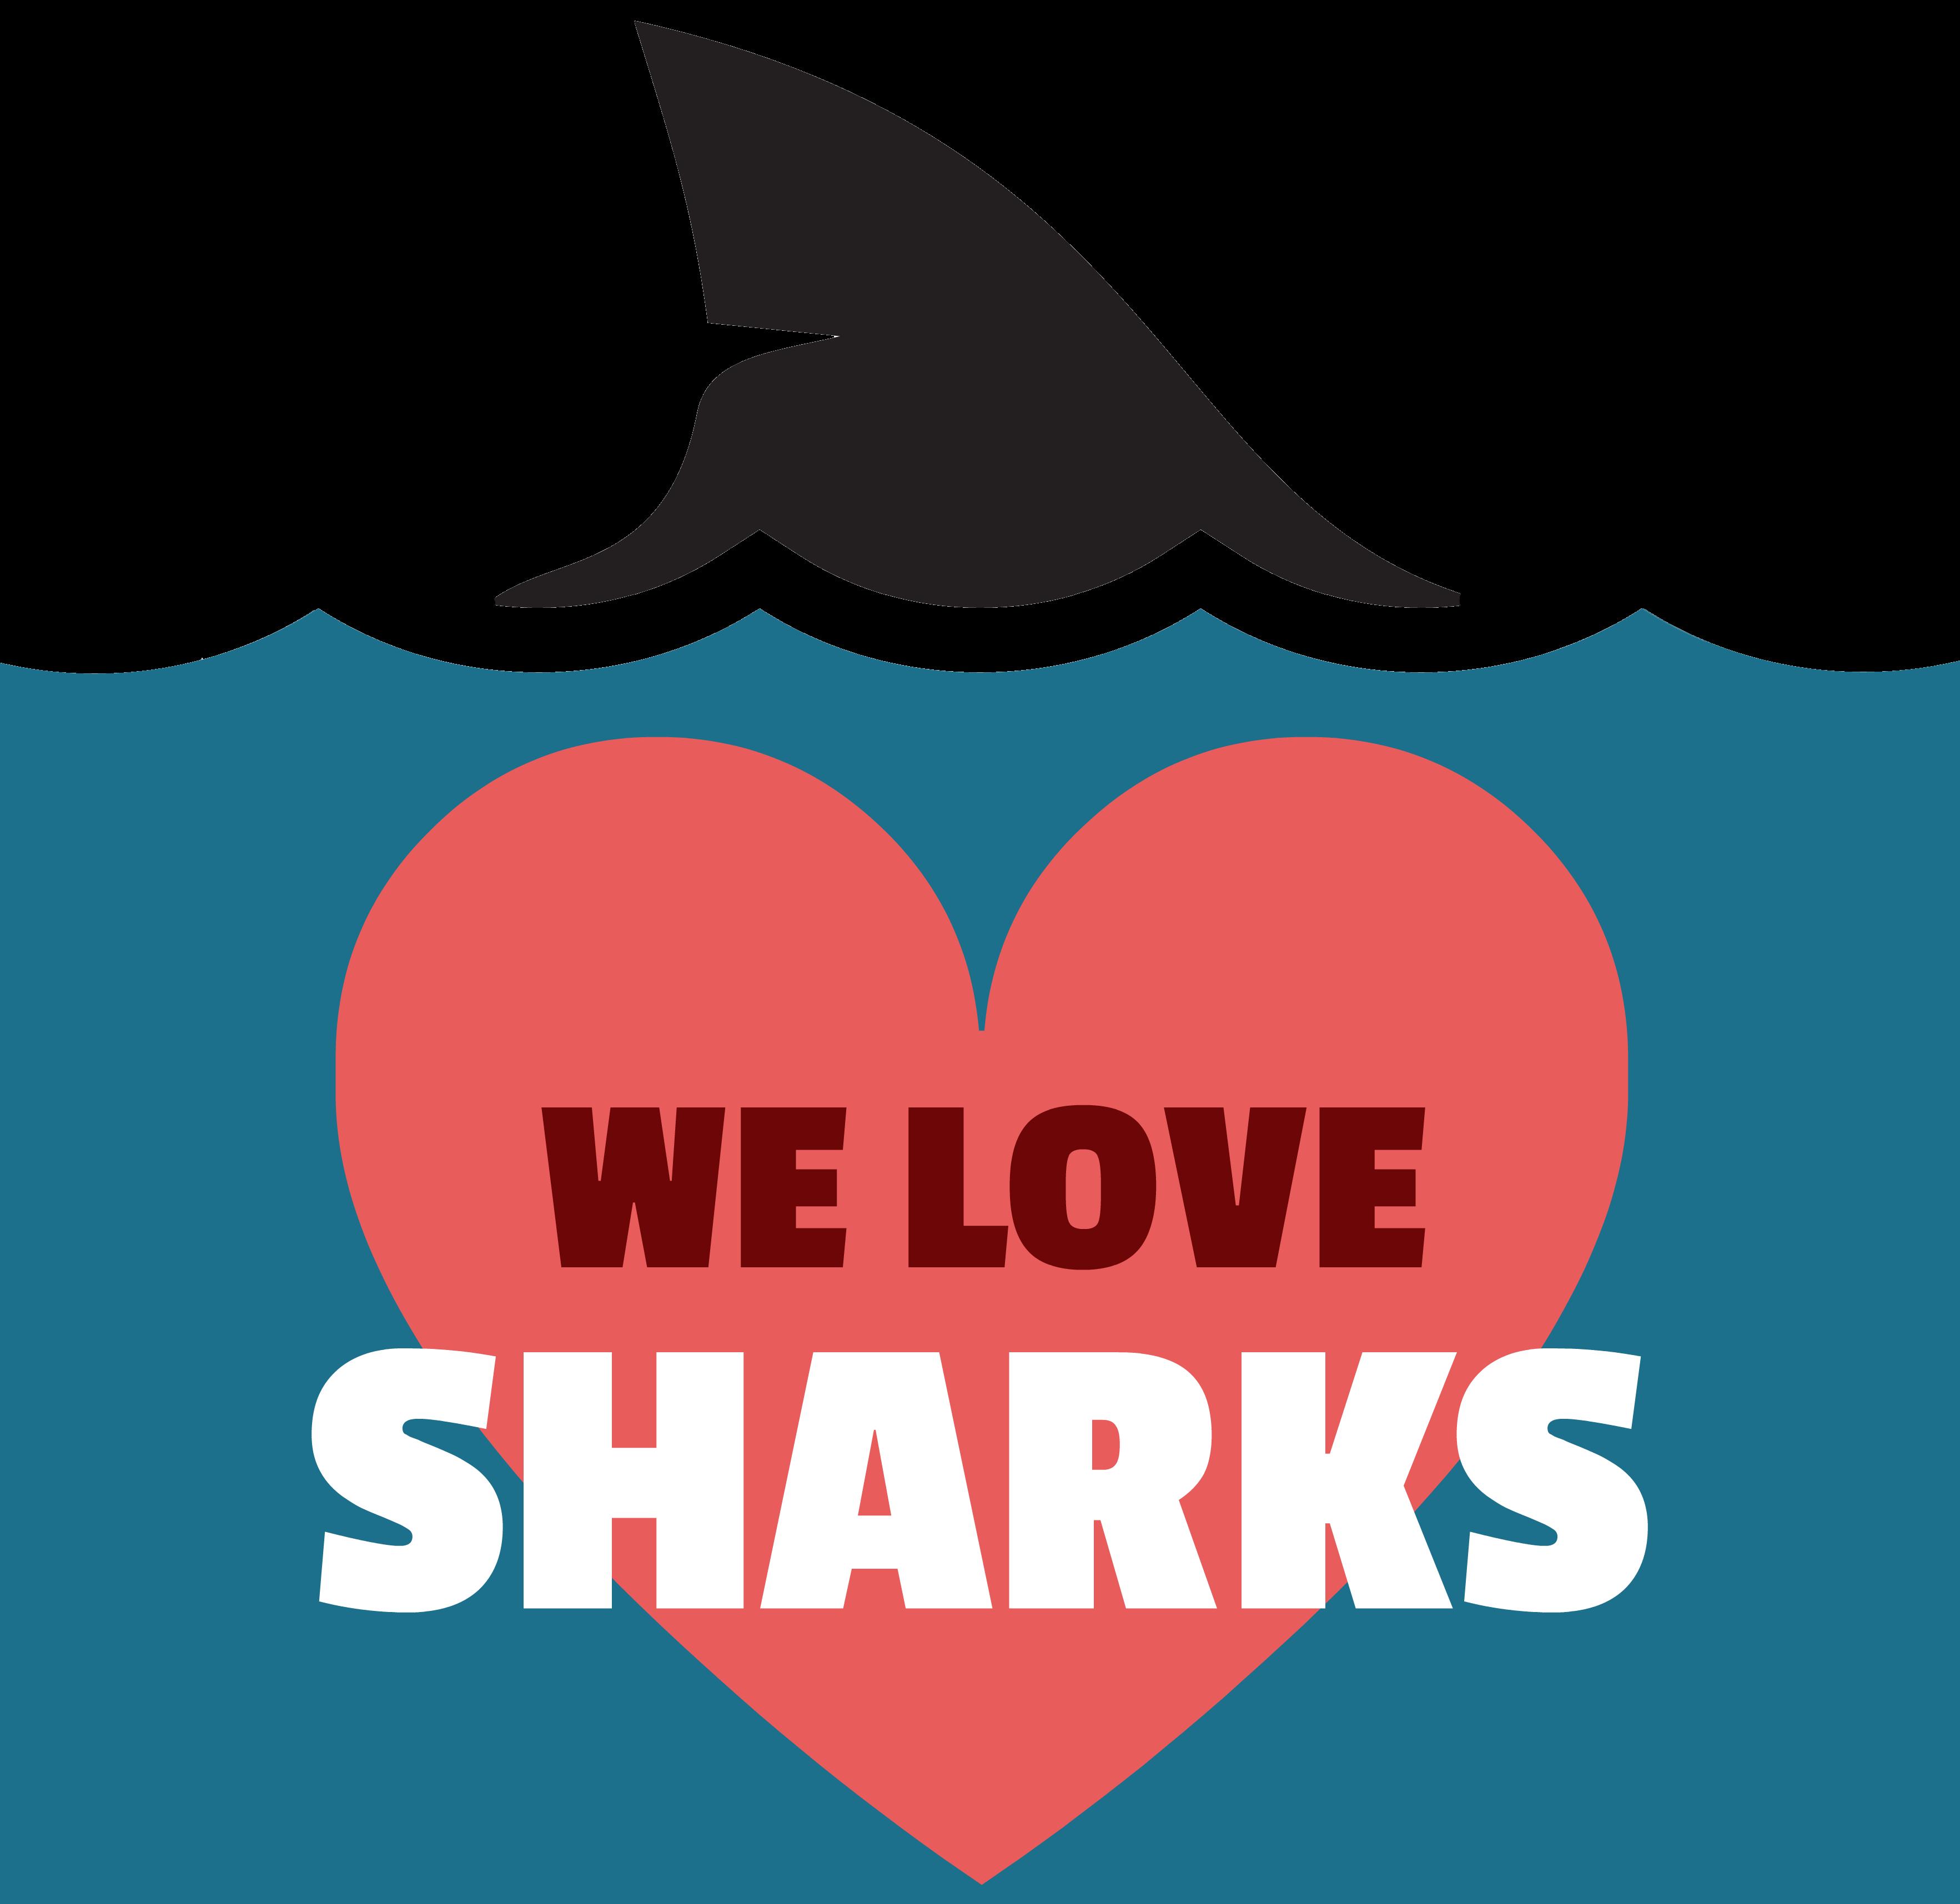 d4fd67a4cea Shark Week 2018 - Schedule